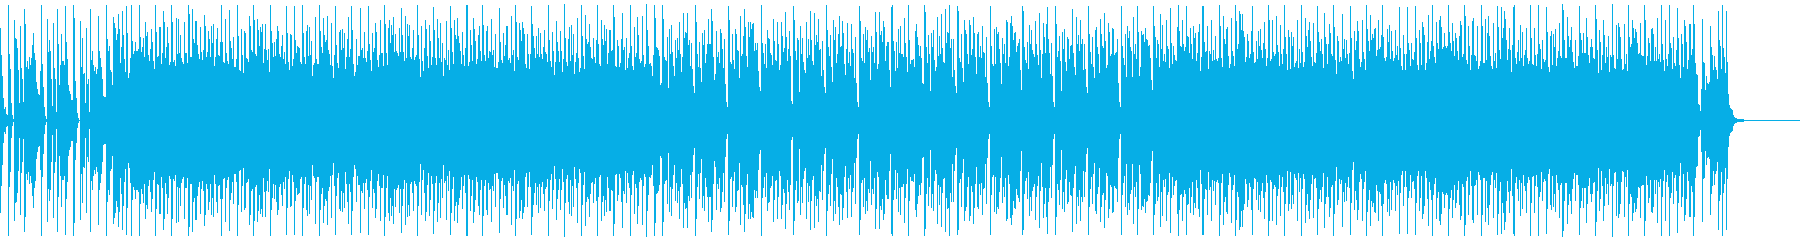 ソウルフルなヒップホップの再生済みの波形